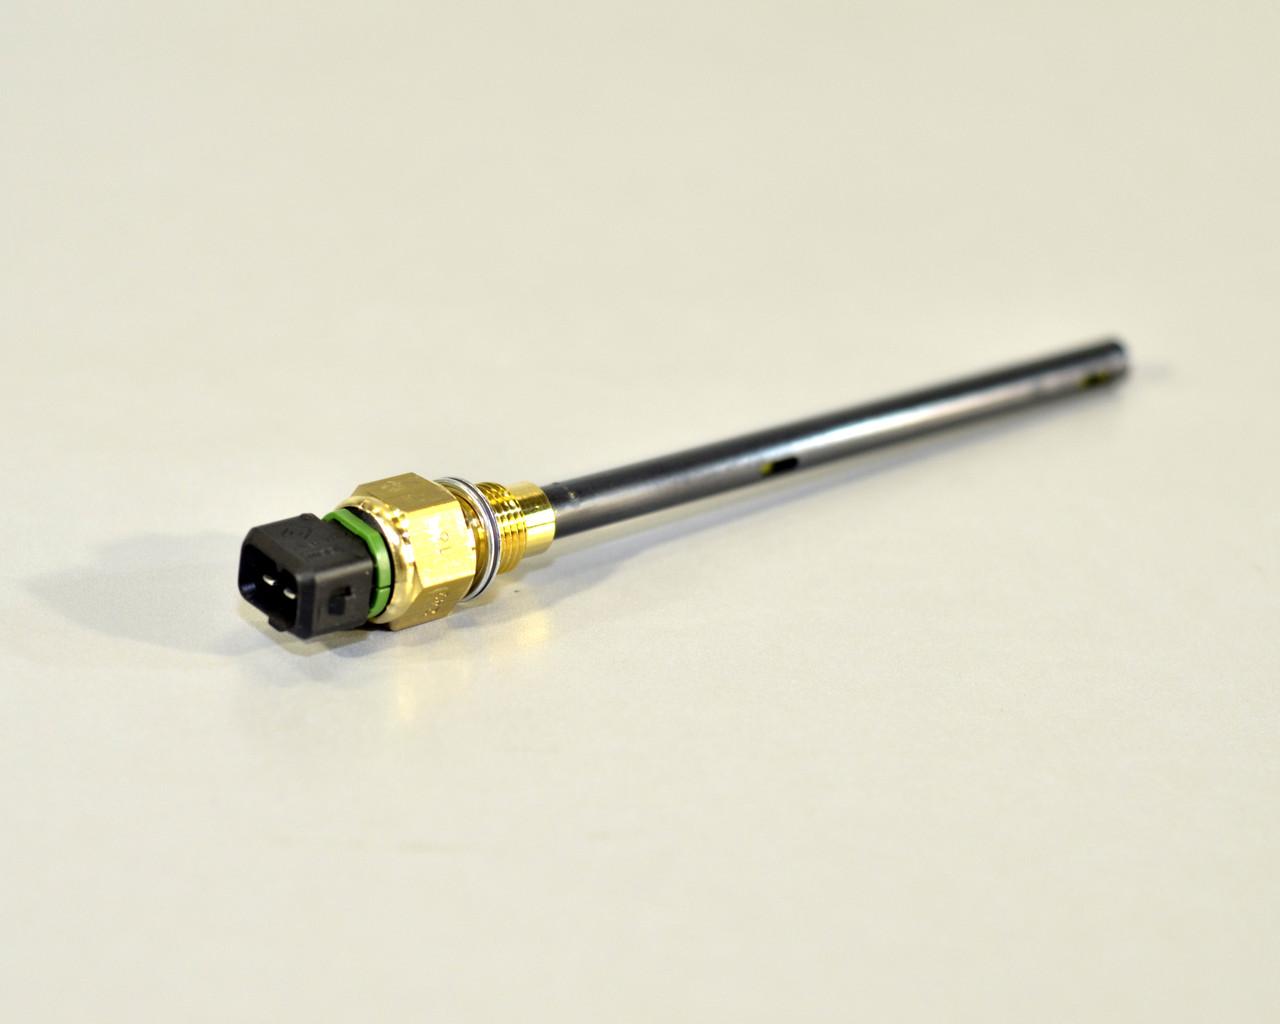 Датчик уровня масла (в картере) на Renault Master III 2010-> 2.3dCi — Renault (Оригинал) - 111458280R